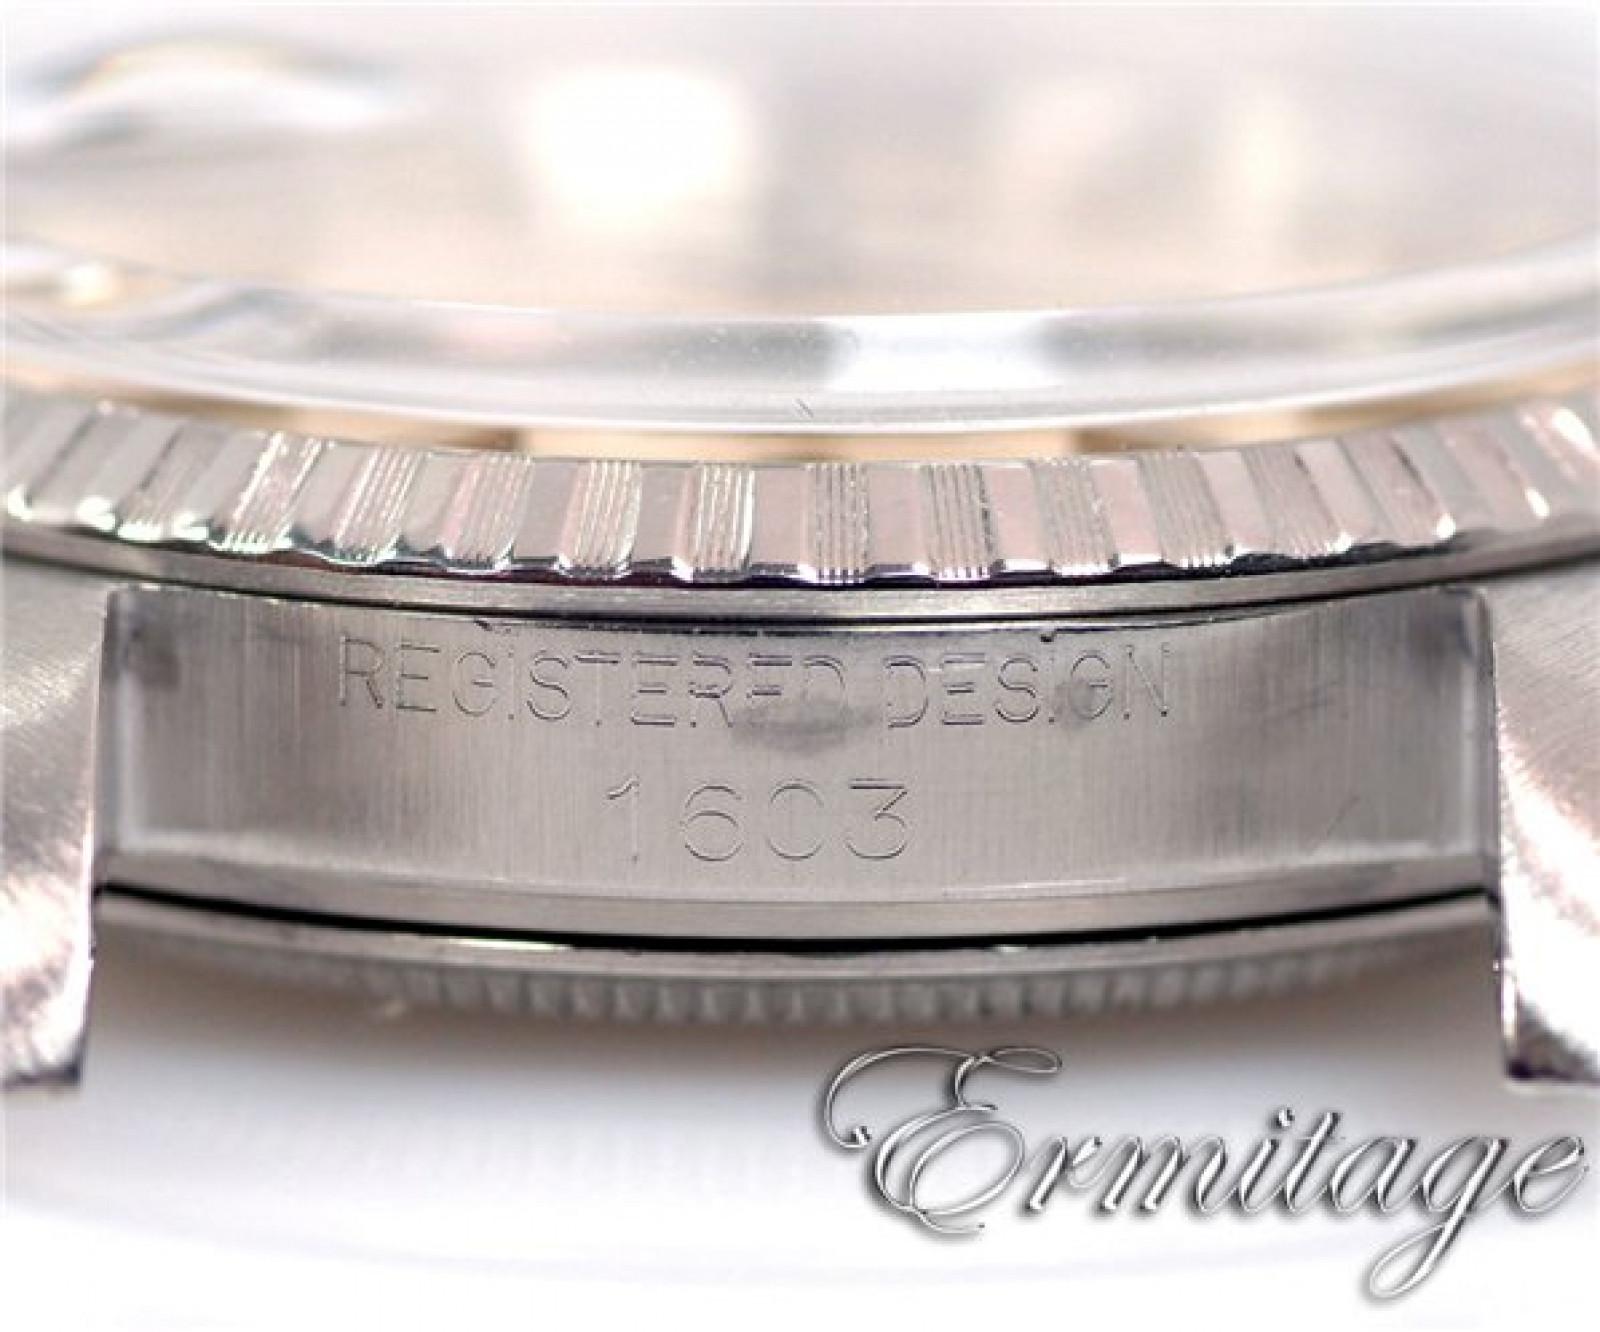 Vintage Rolex Datejust 1603 Steel Year 1965